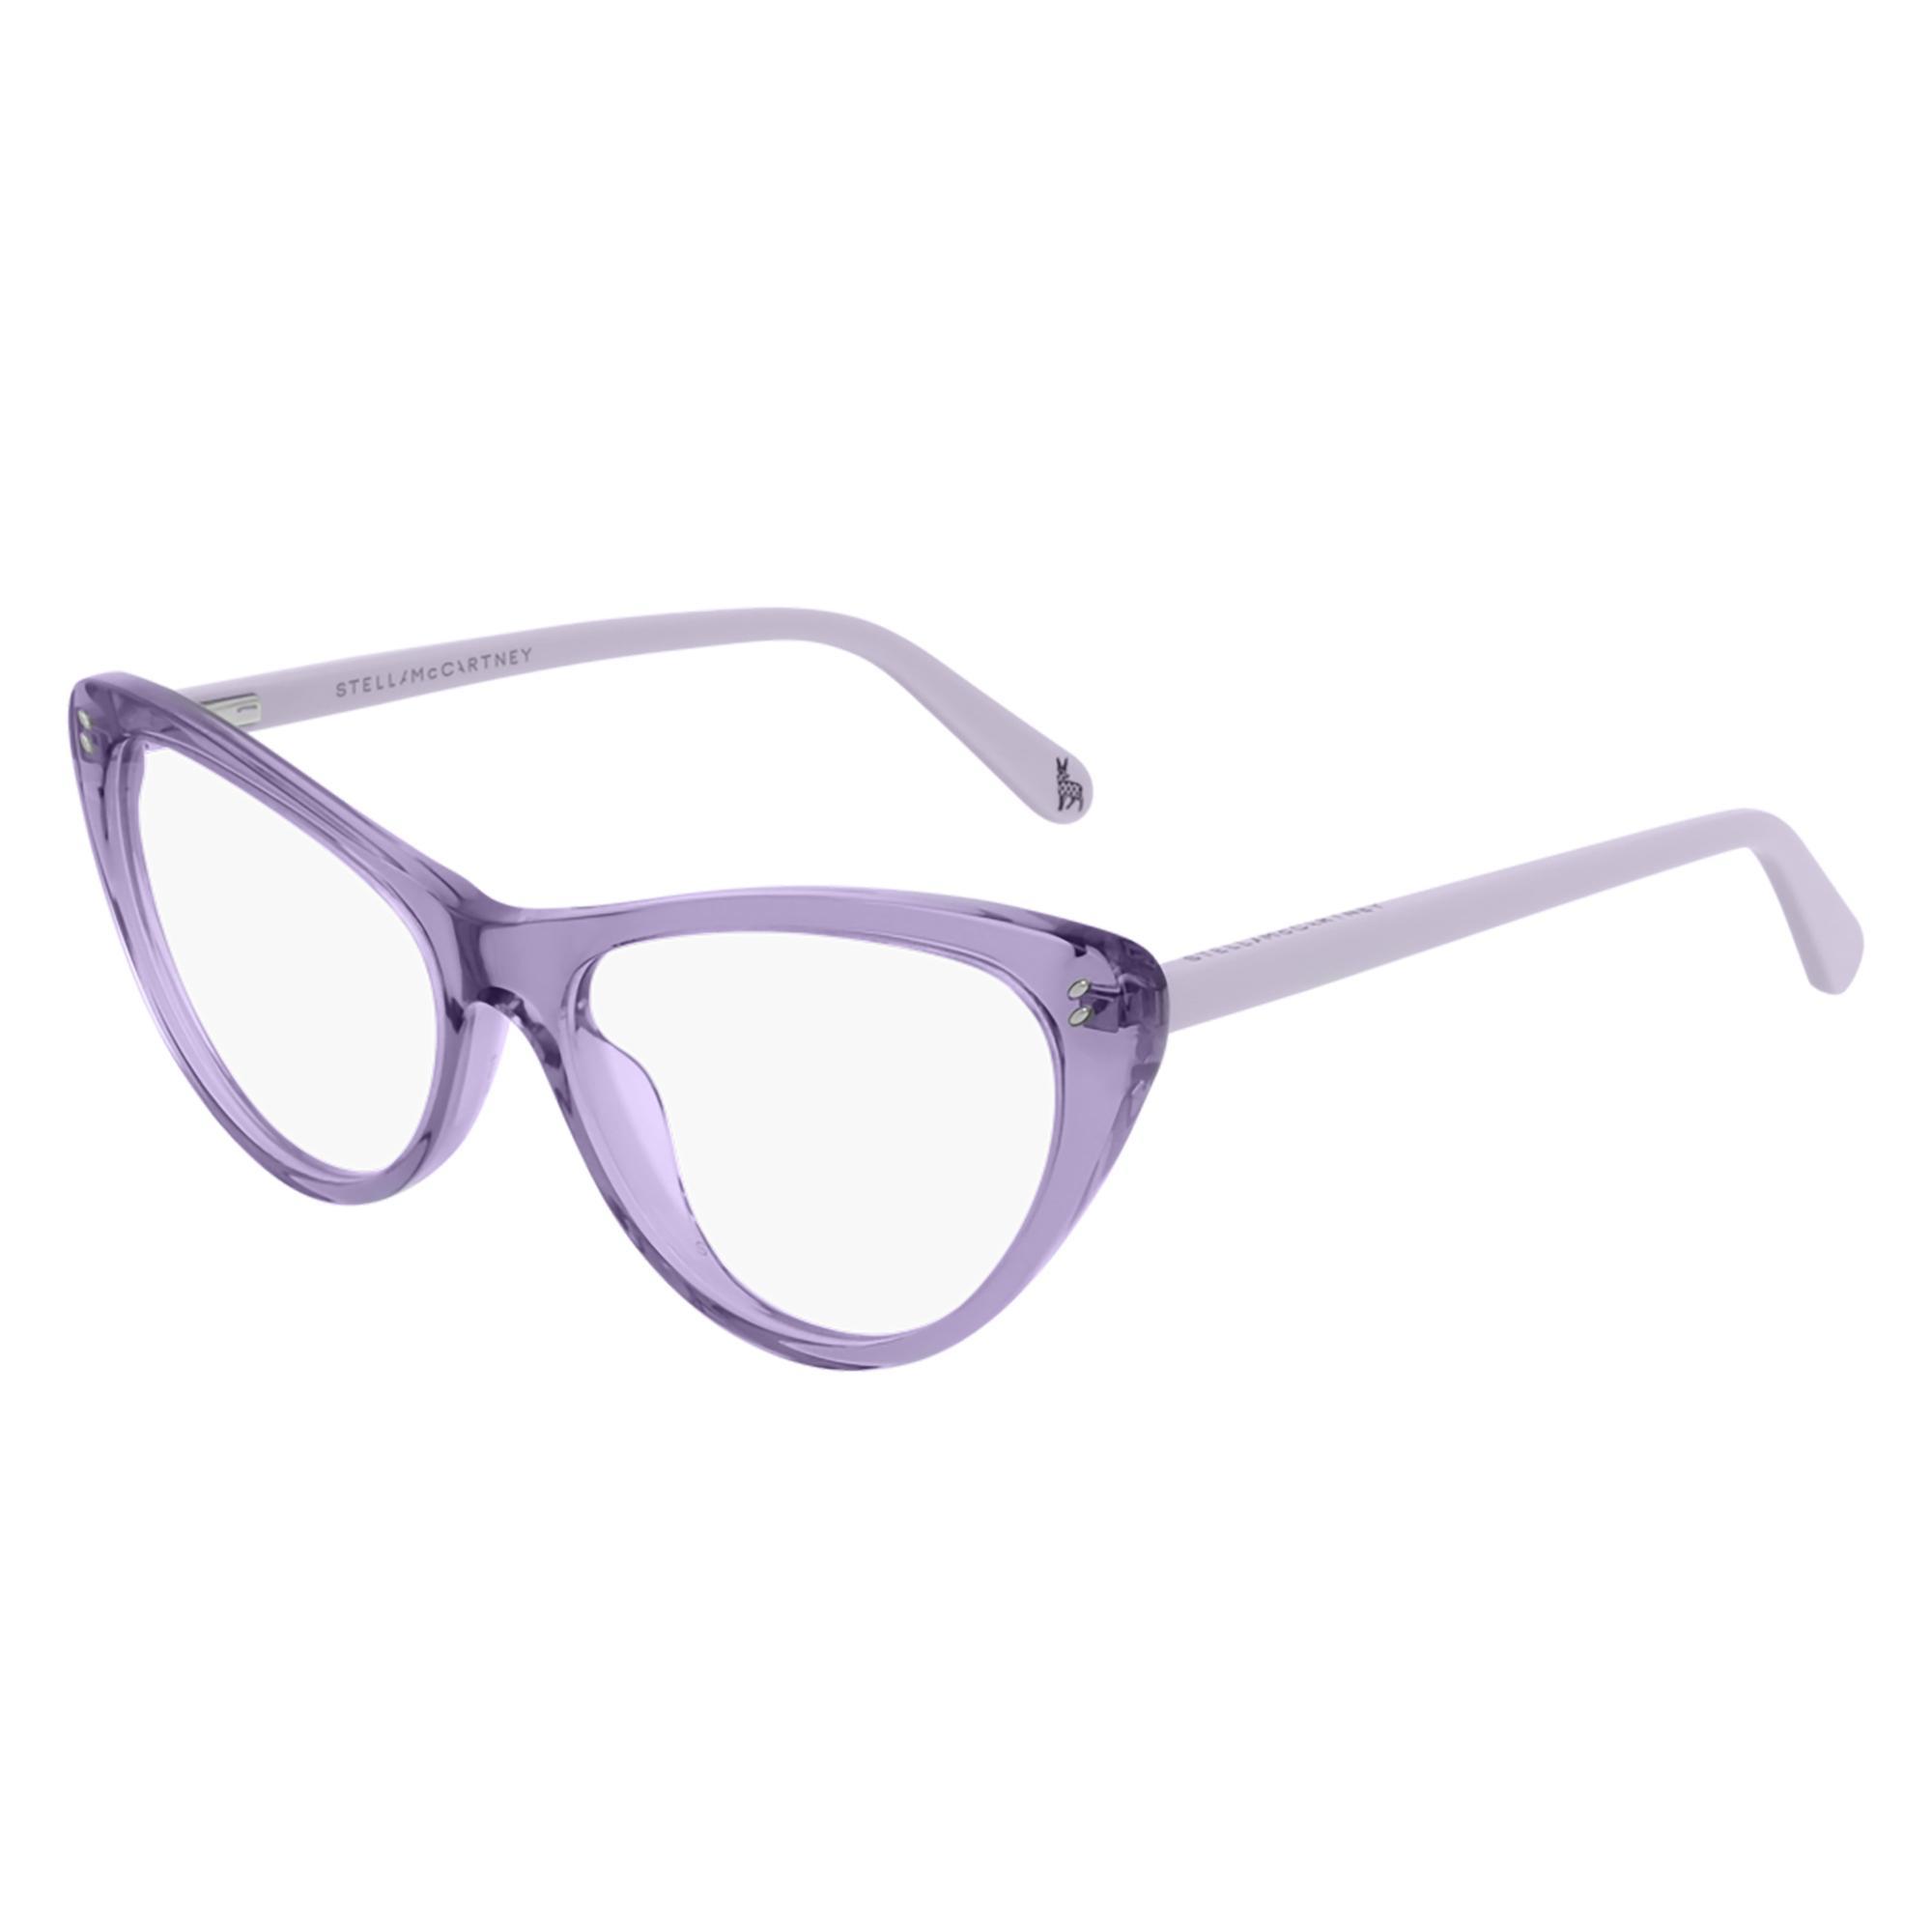 002 violet violet transpa